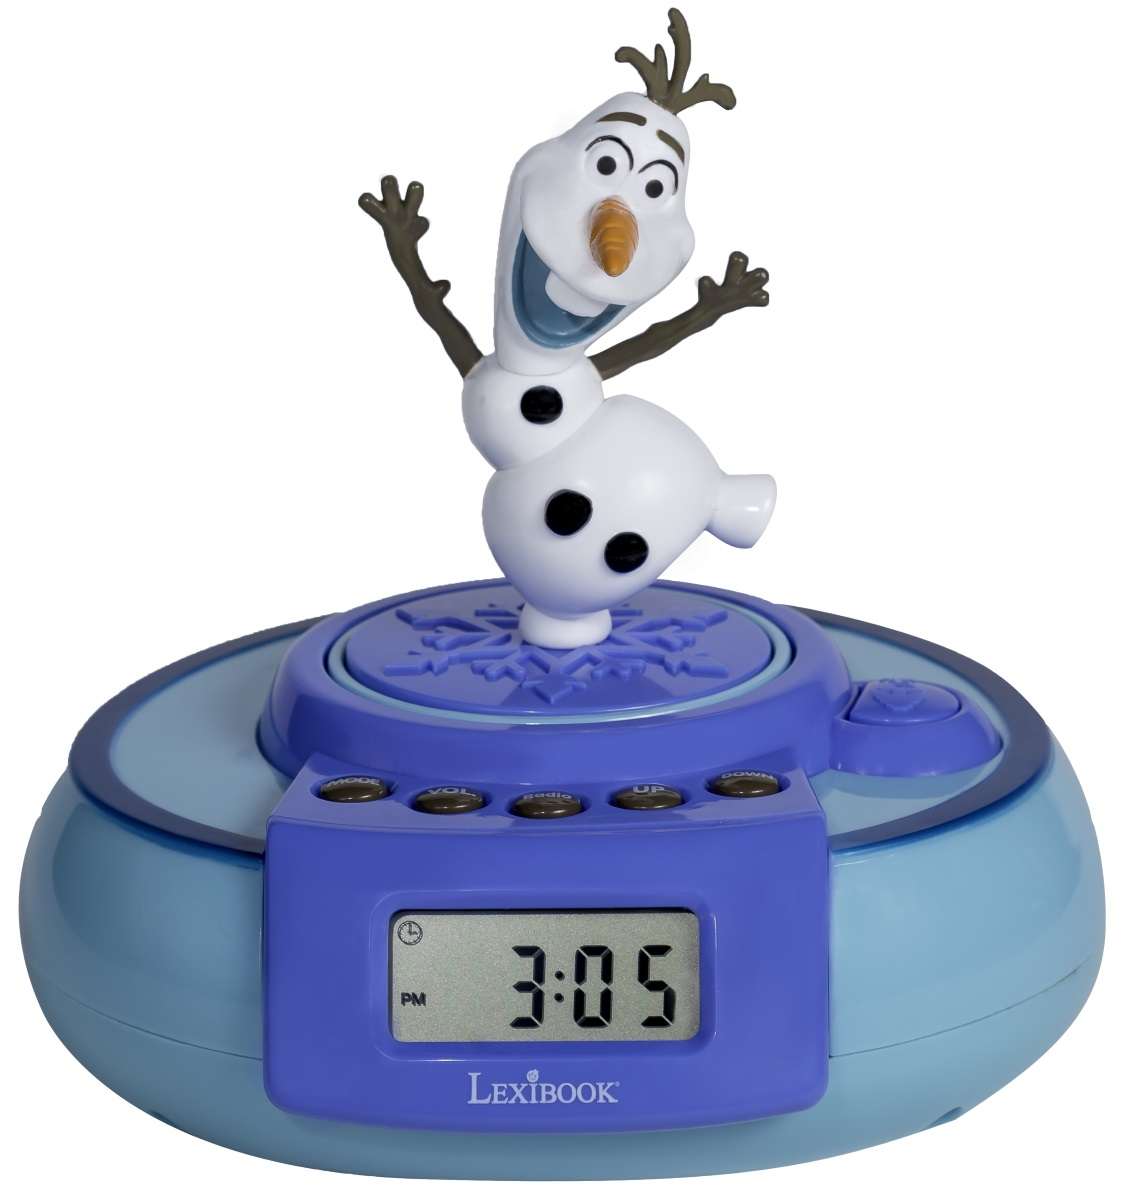 Часы-будильник FrozenЧасы-будильник Frozen с ЖК-экраном и множеством функций и фигуркой Олафа, который может выпрыгивать из часов, удивляя всех вокруг. Чтоб Олаф выпрыгнул, нужно просто нажать специальную кнопку.<br>